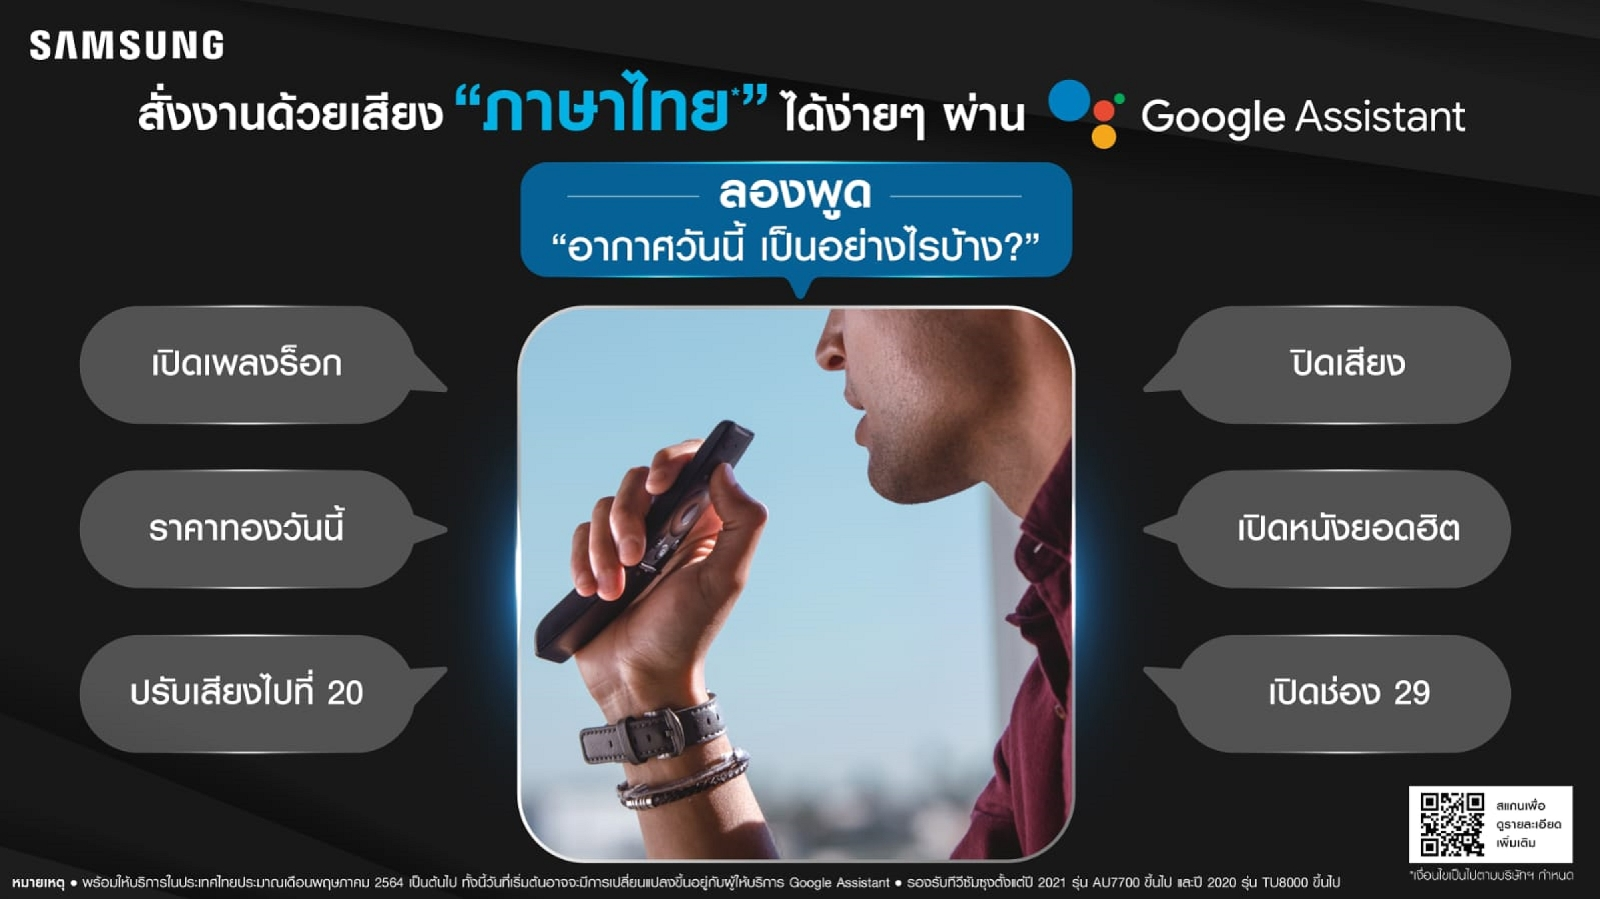 ง่ายขึ้นอีกขั้น! Samsung TV ให้ผู้ใช้สั่งการด้วยเสียงภาษาไทยผ่าน Google Assistant